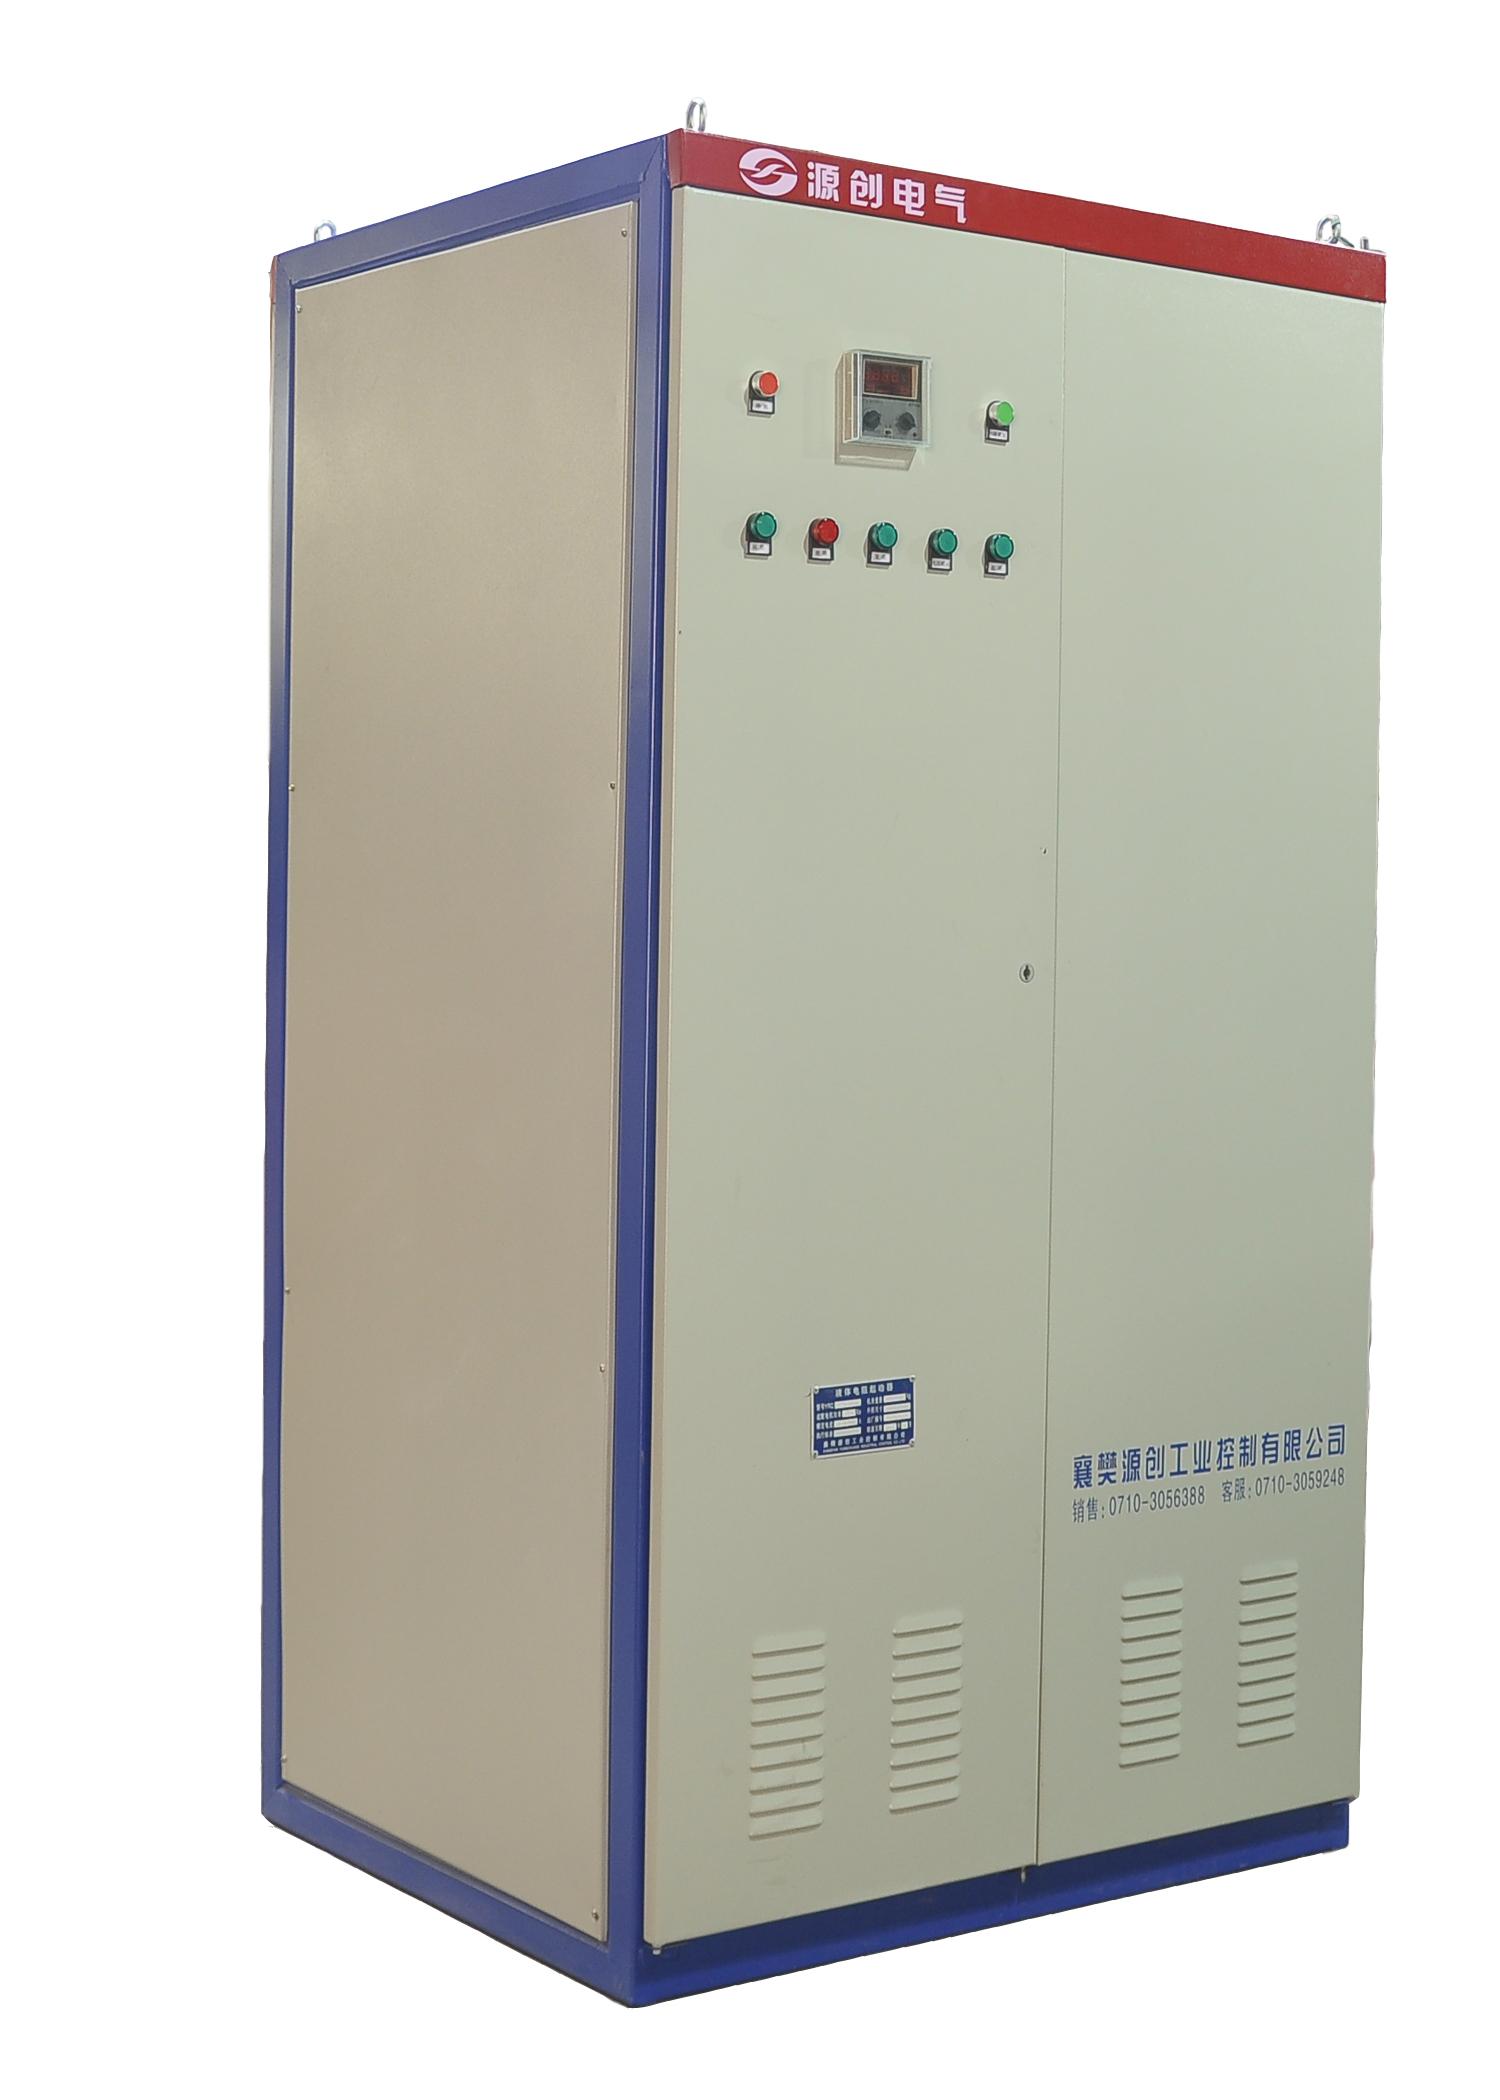 主要由柜体,电阻液箱,机械传动机构,极板,控制电路,检测